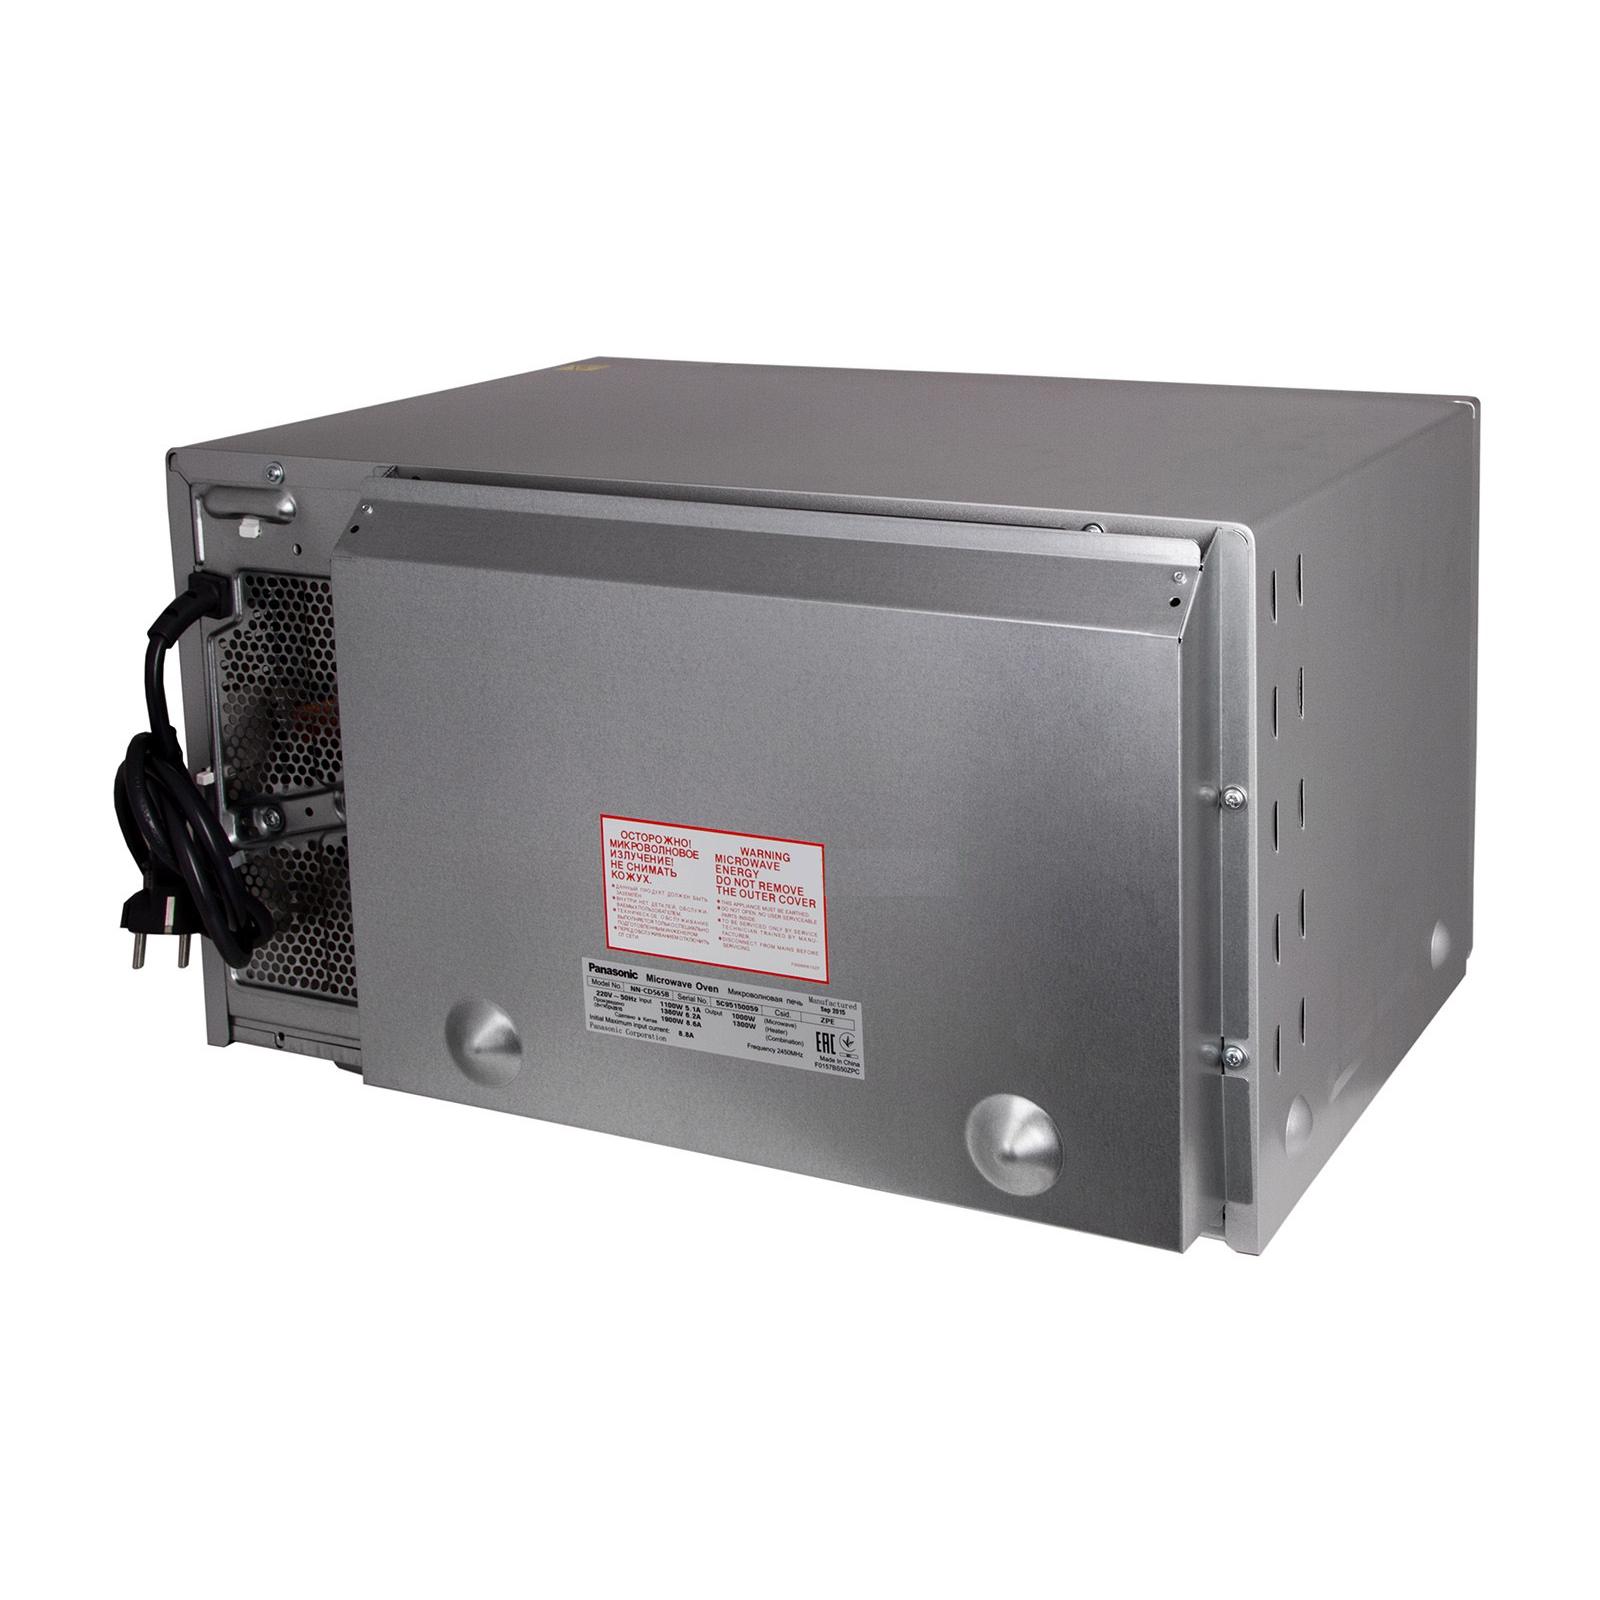 Микроволновая печь PANASONIC NN-CD565BZPE изображение 3